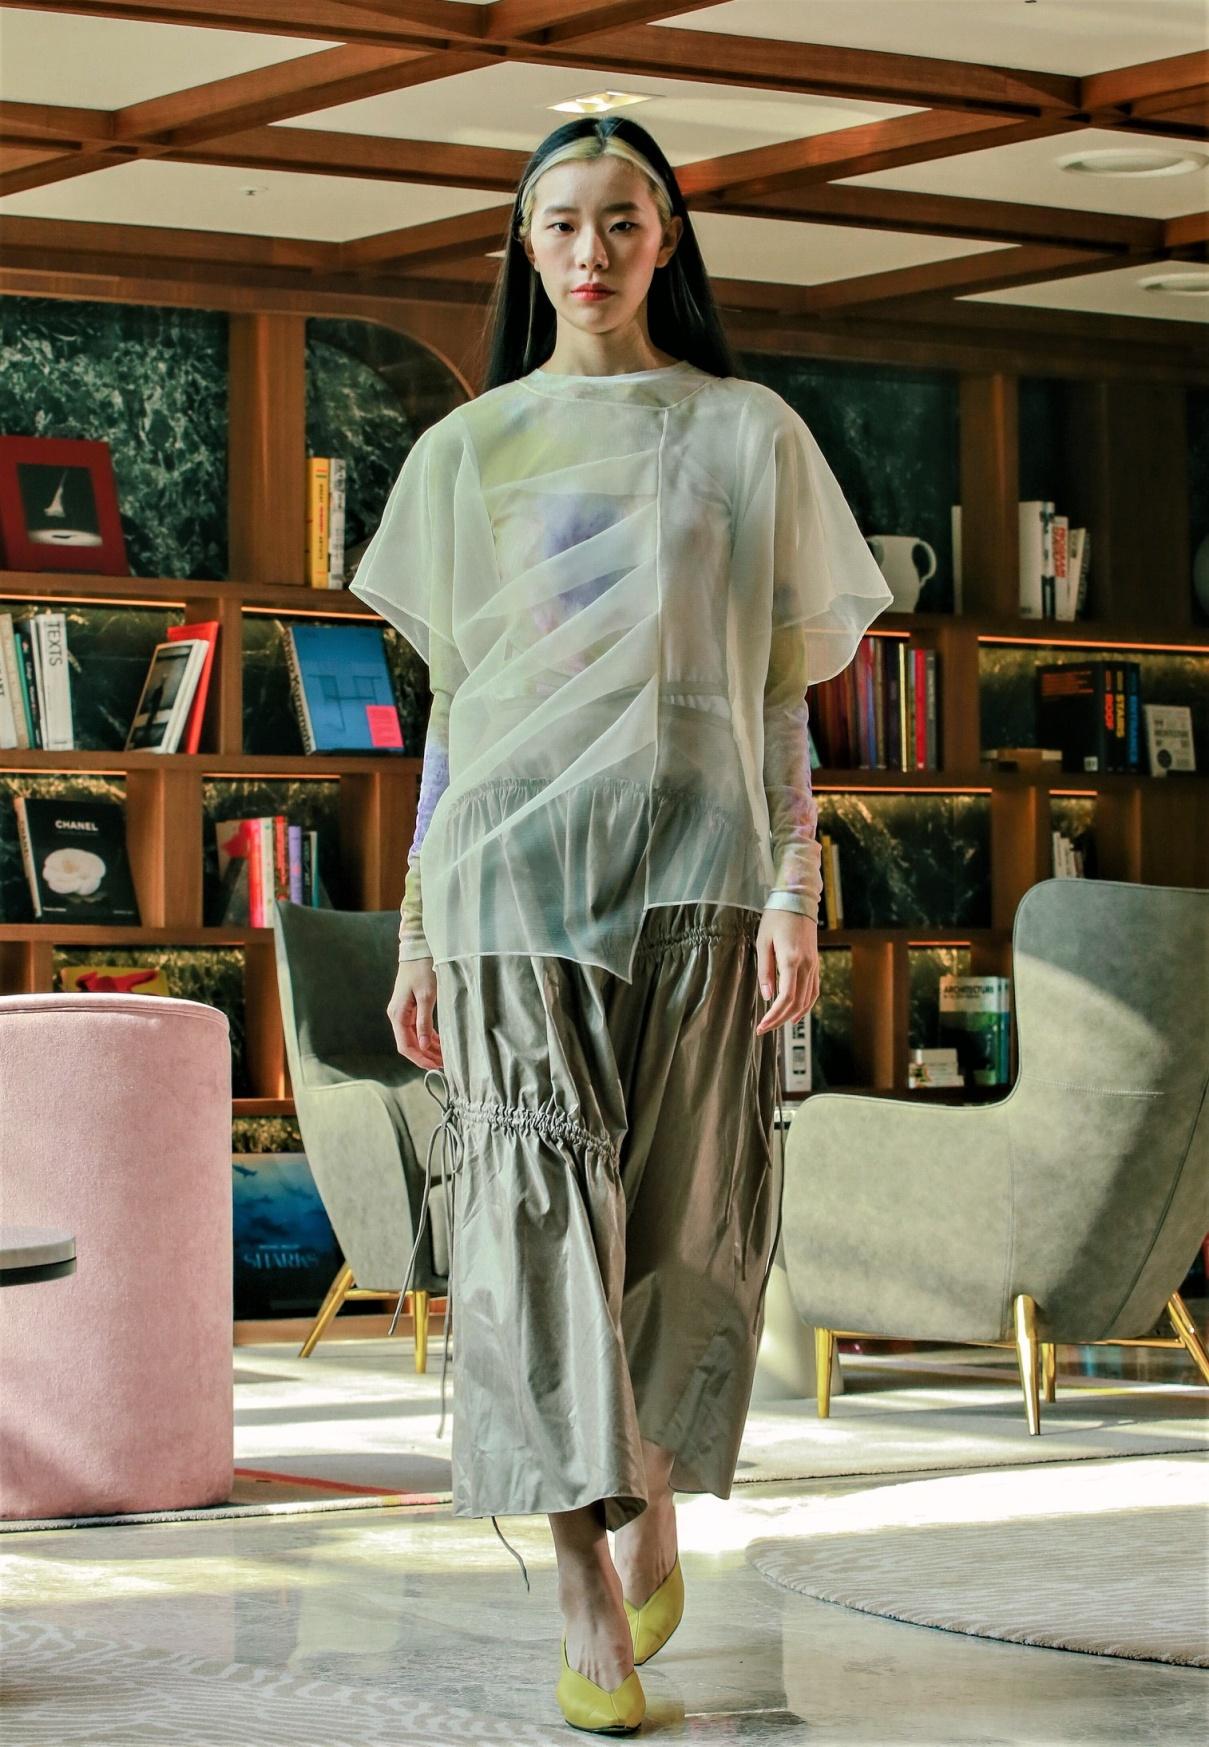 seoul lie sheer blse, skirt cropped.jpg